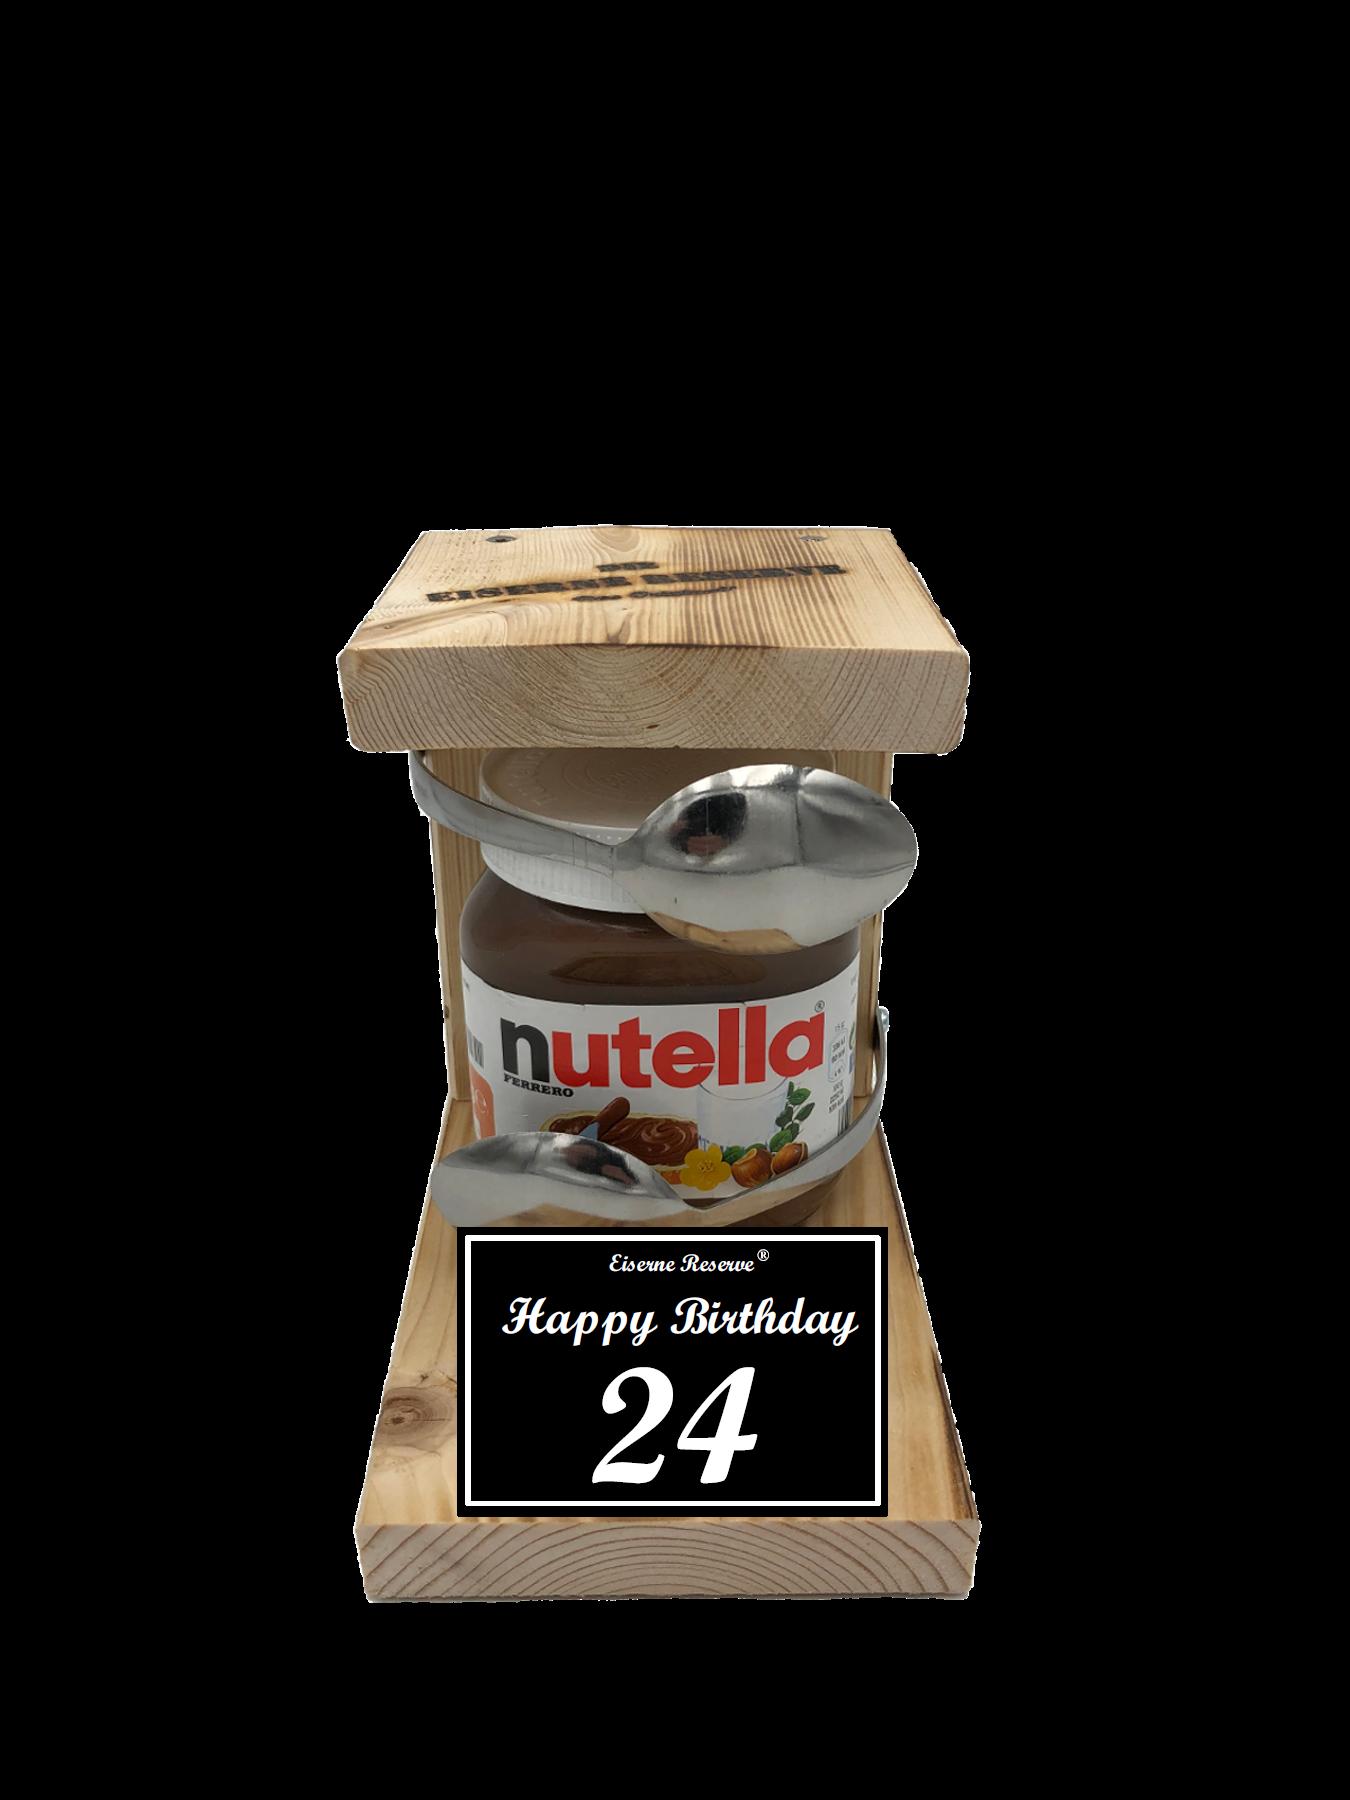 24 Happy Birthday Löffel Nutella Geschenk - Die Nutella Geschenkidee